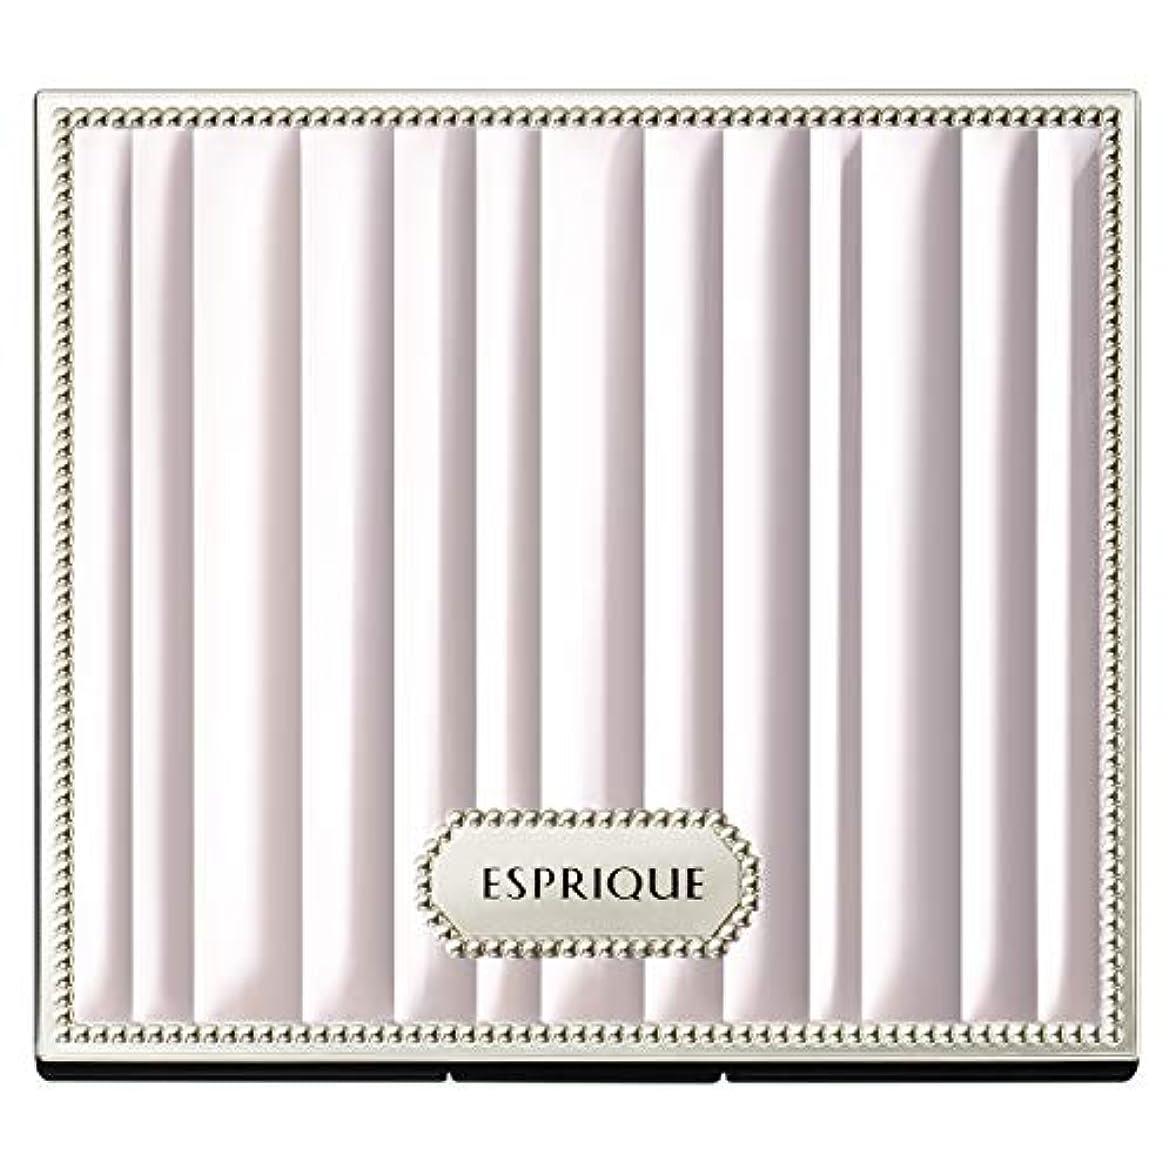 非難カカドゥ後方ESPRIQUE(エスプリーク) エスプリーク アイカラー ケース N 1個